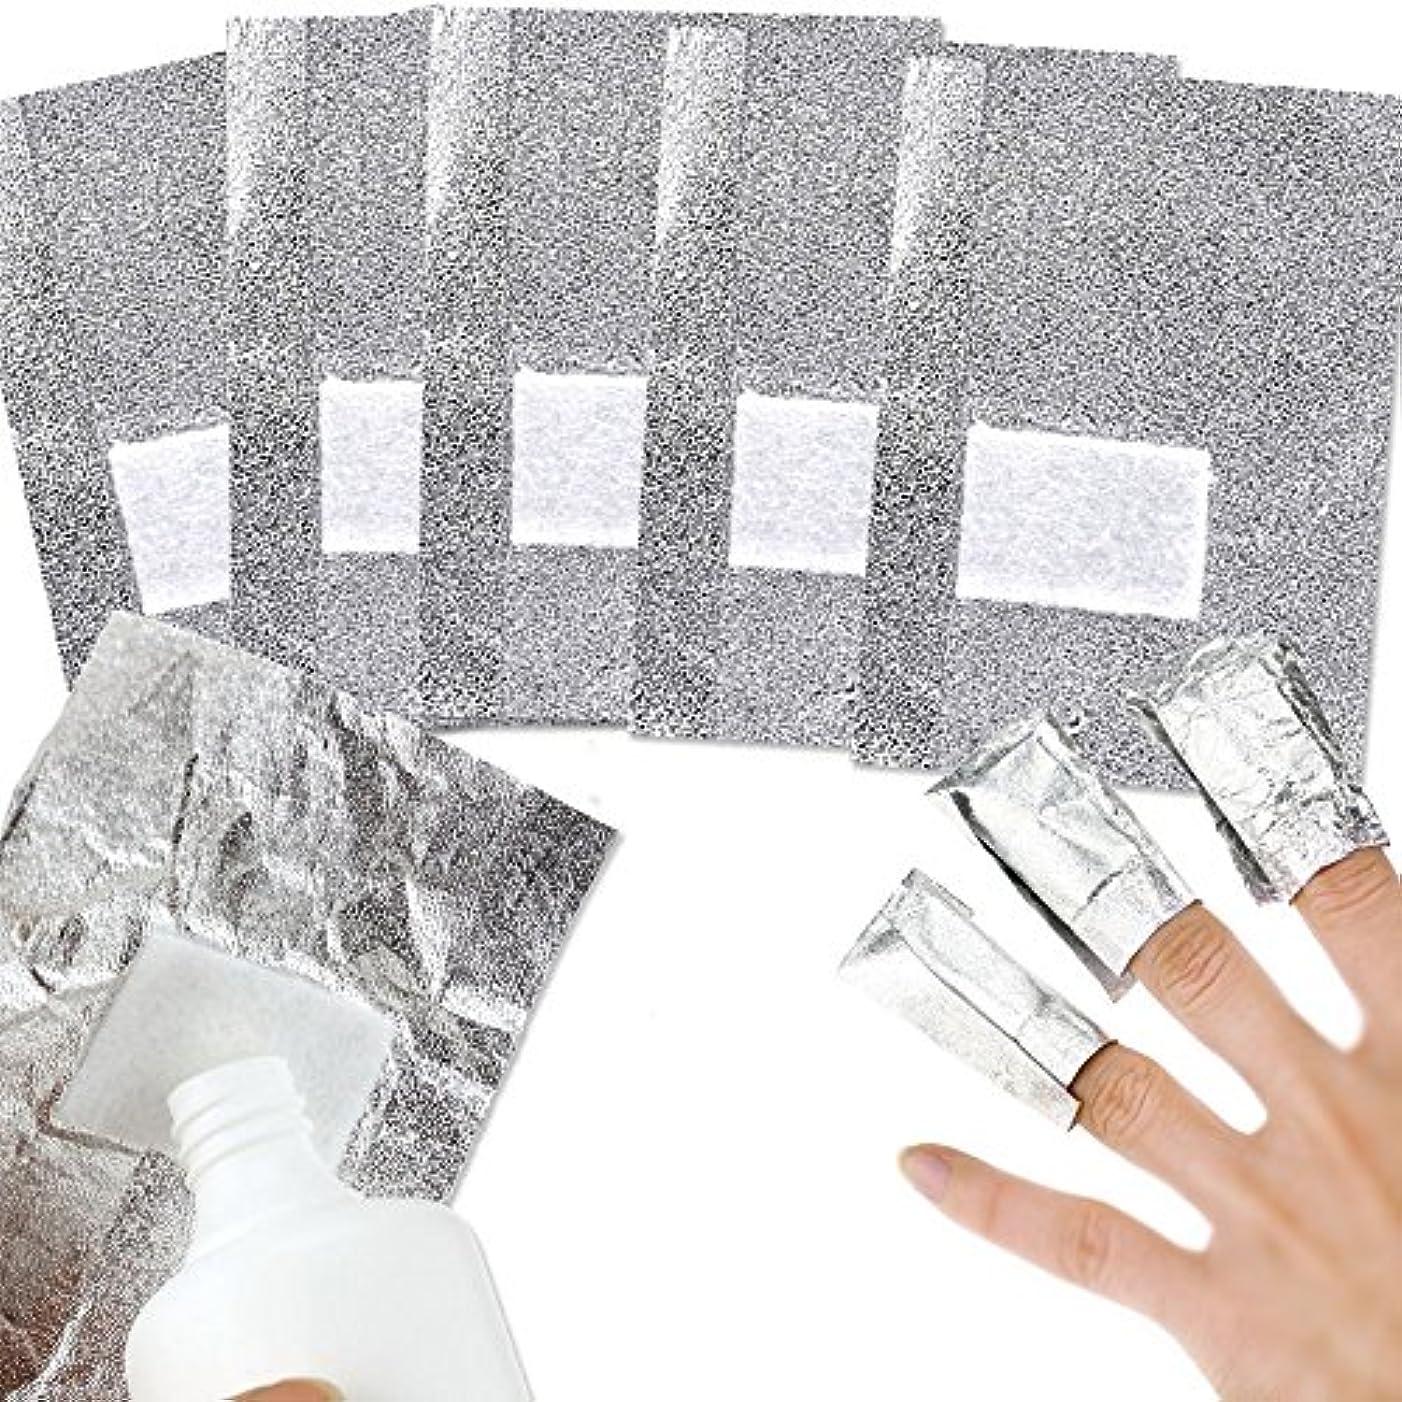 くびれたロール承認UVジェル リムーバーパッド 100枚入り ネイルポリッシュをきれいにオフする コットン付きアルミホイル ジェル除却 使い捨て 爪マニキュア用品 Pichidr